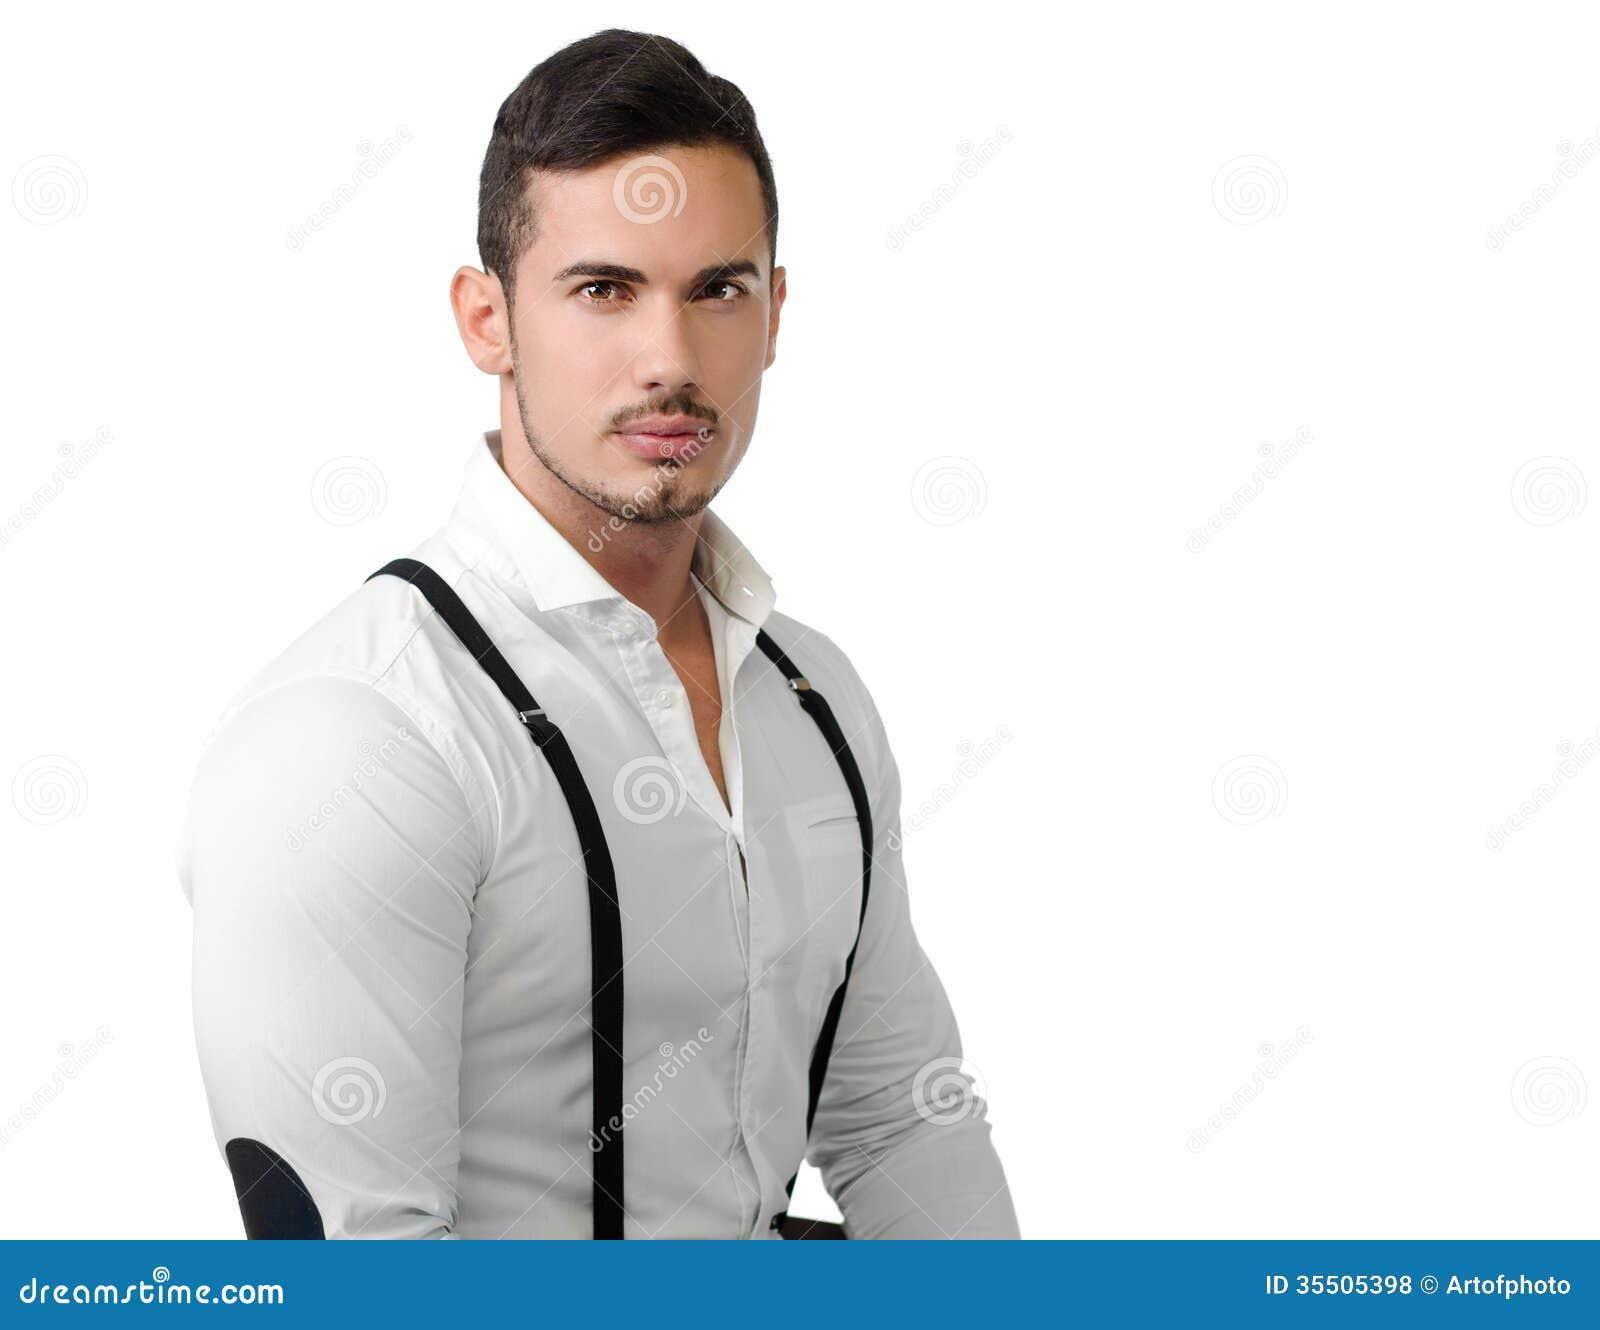 an elegant young man pdf